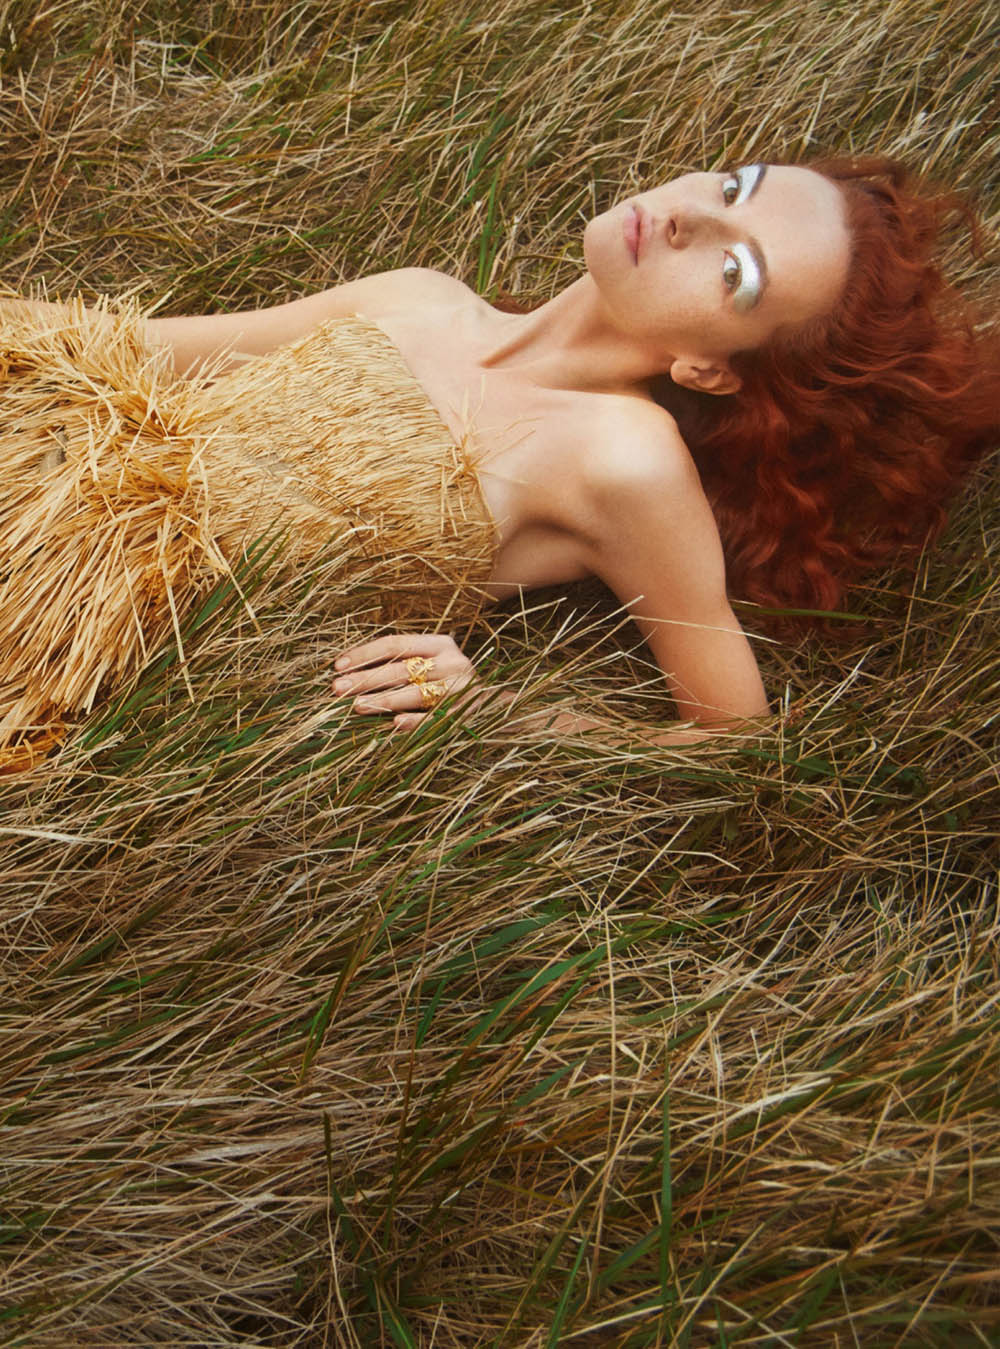 Greta Valeria by Erik Madigan Heck for Harper's Bazaar UK April 2020